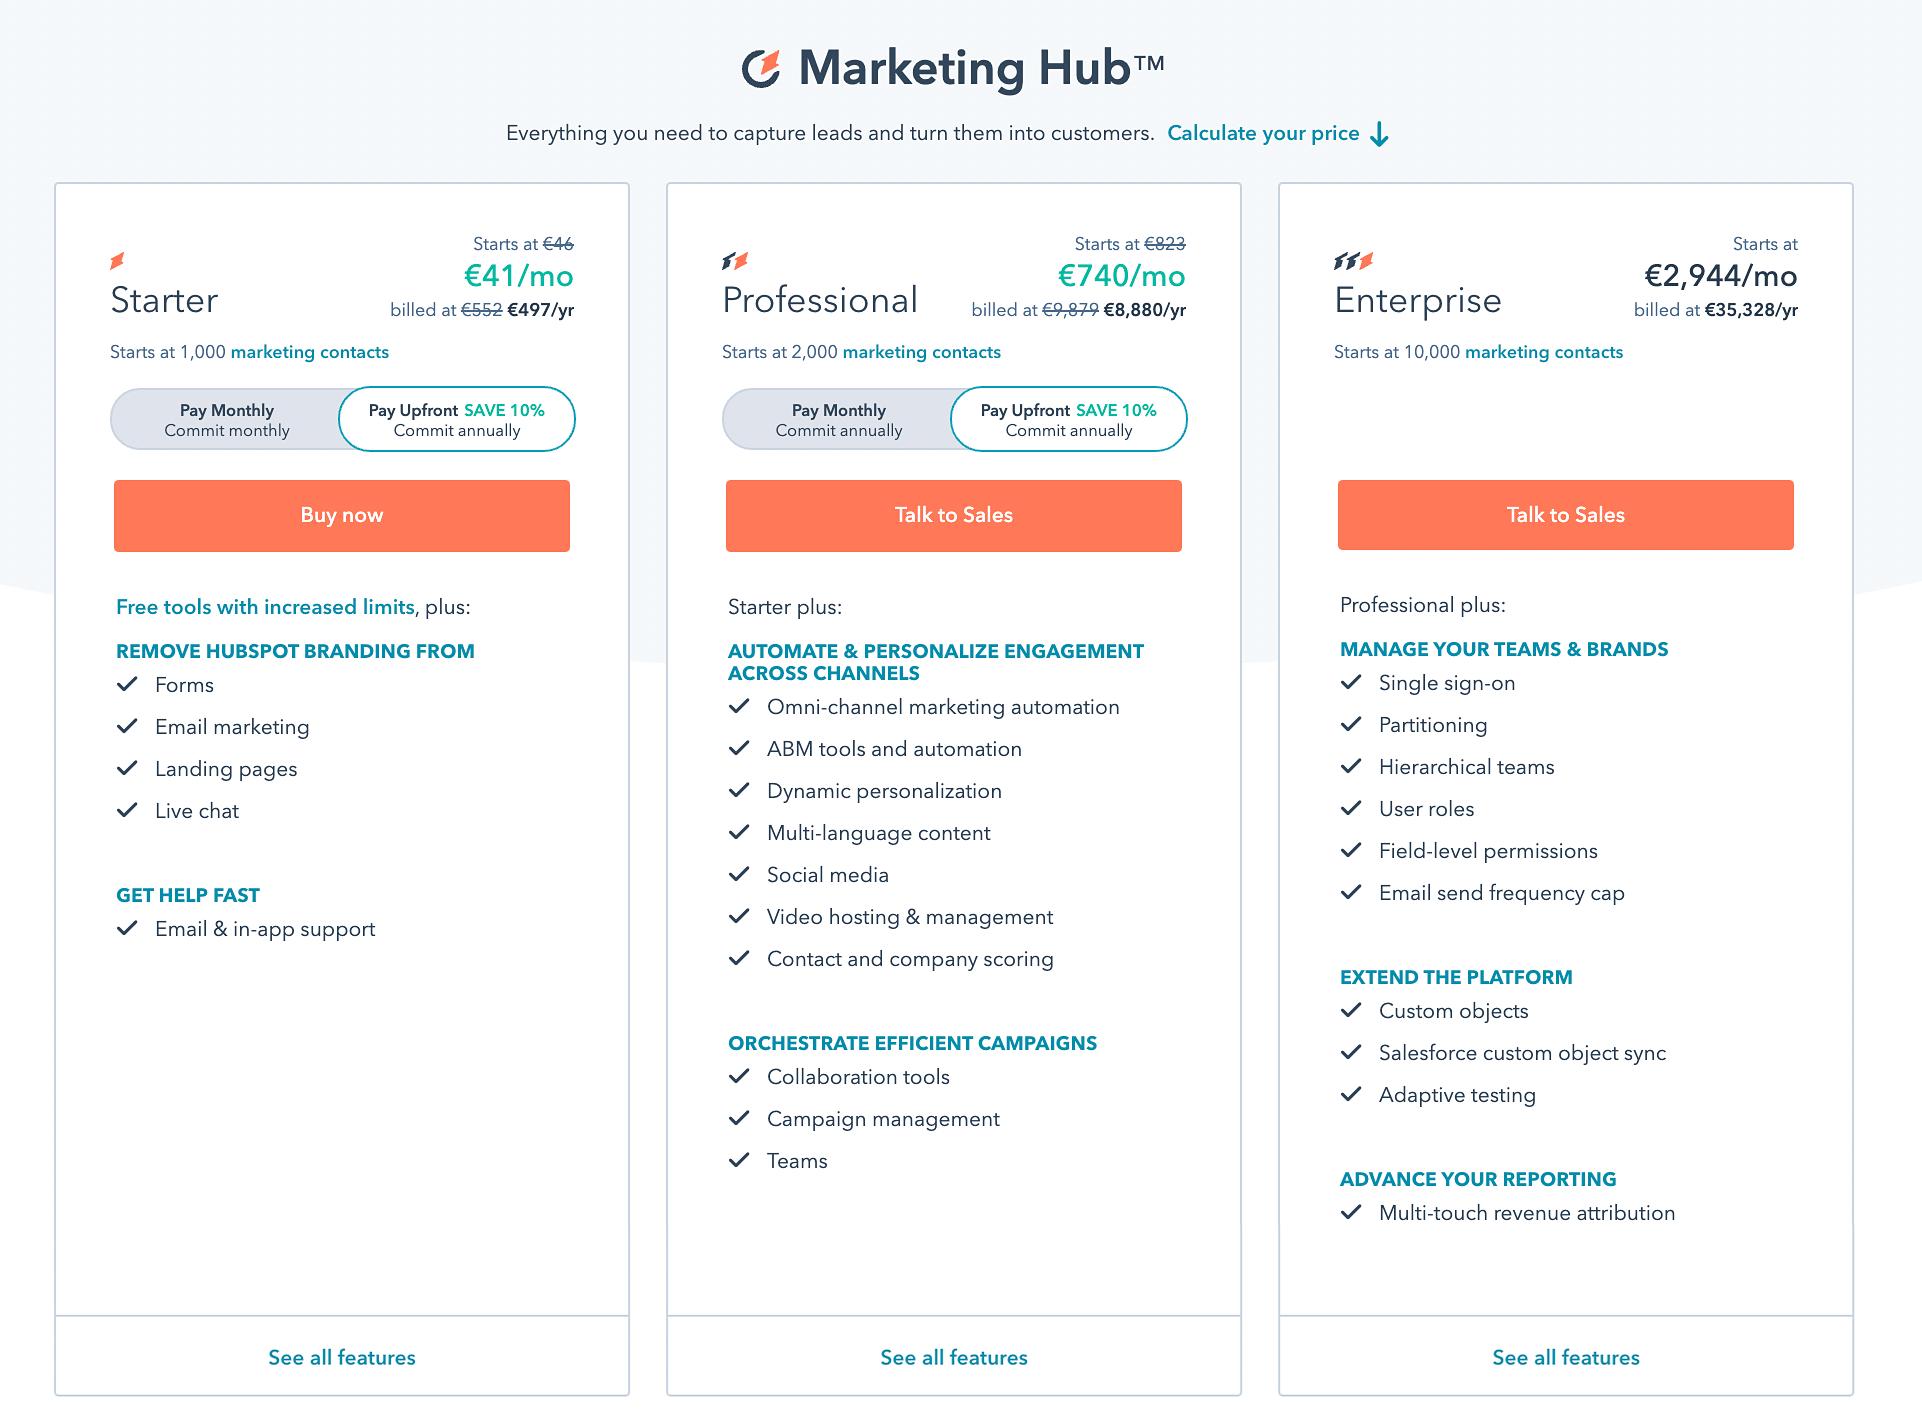 Hubspot marketing hub Cennik